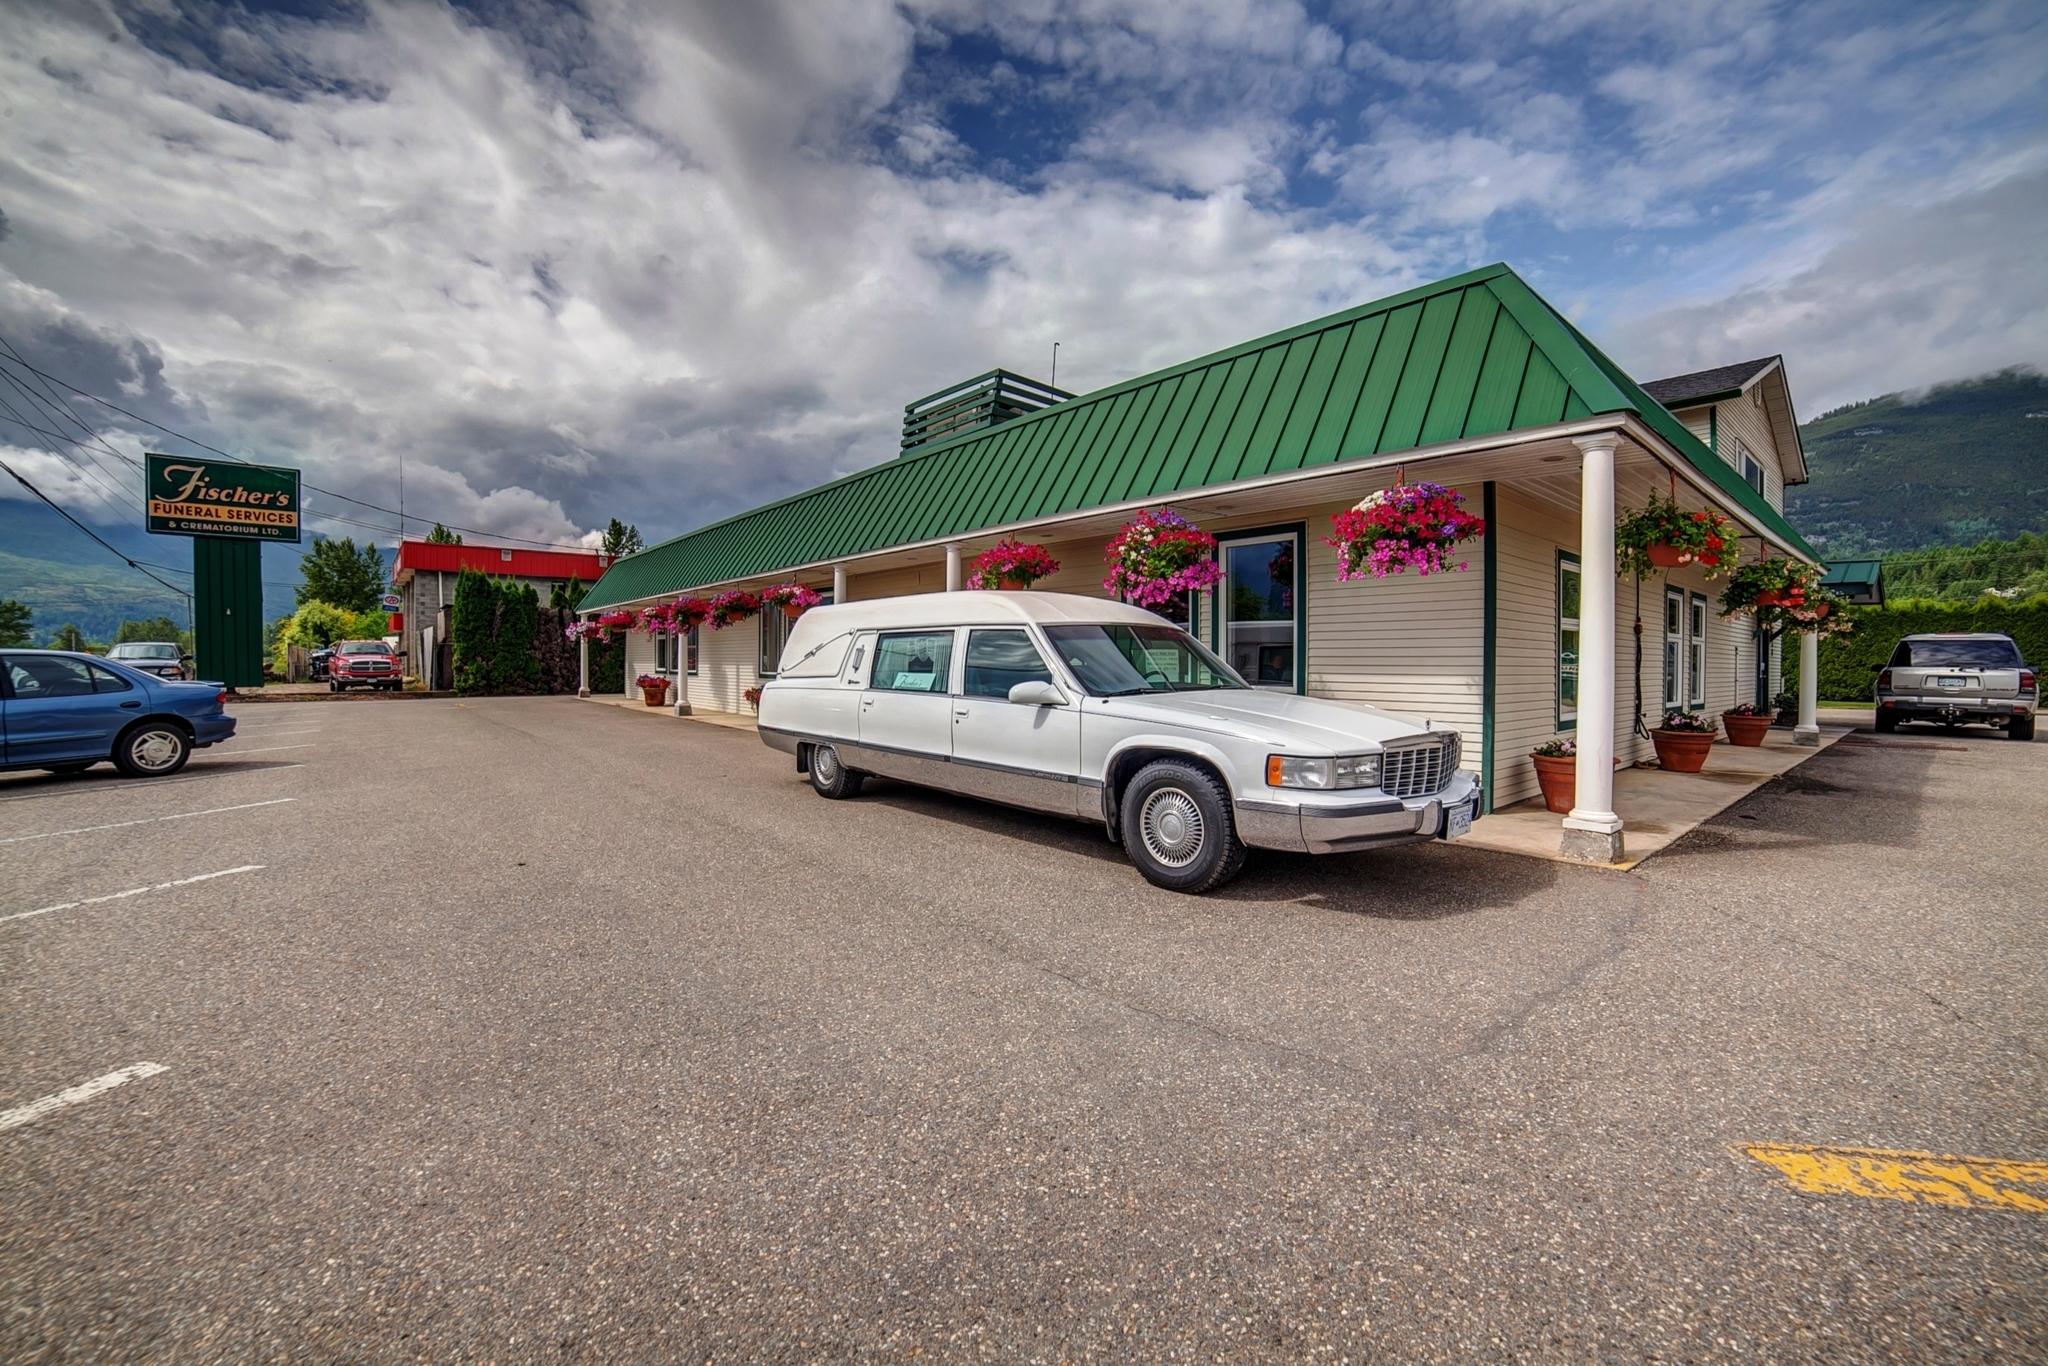 Fischer's Funeral Services & Crematorium Ltd in Salmon Arm